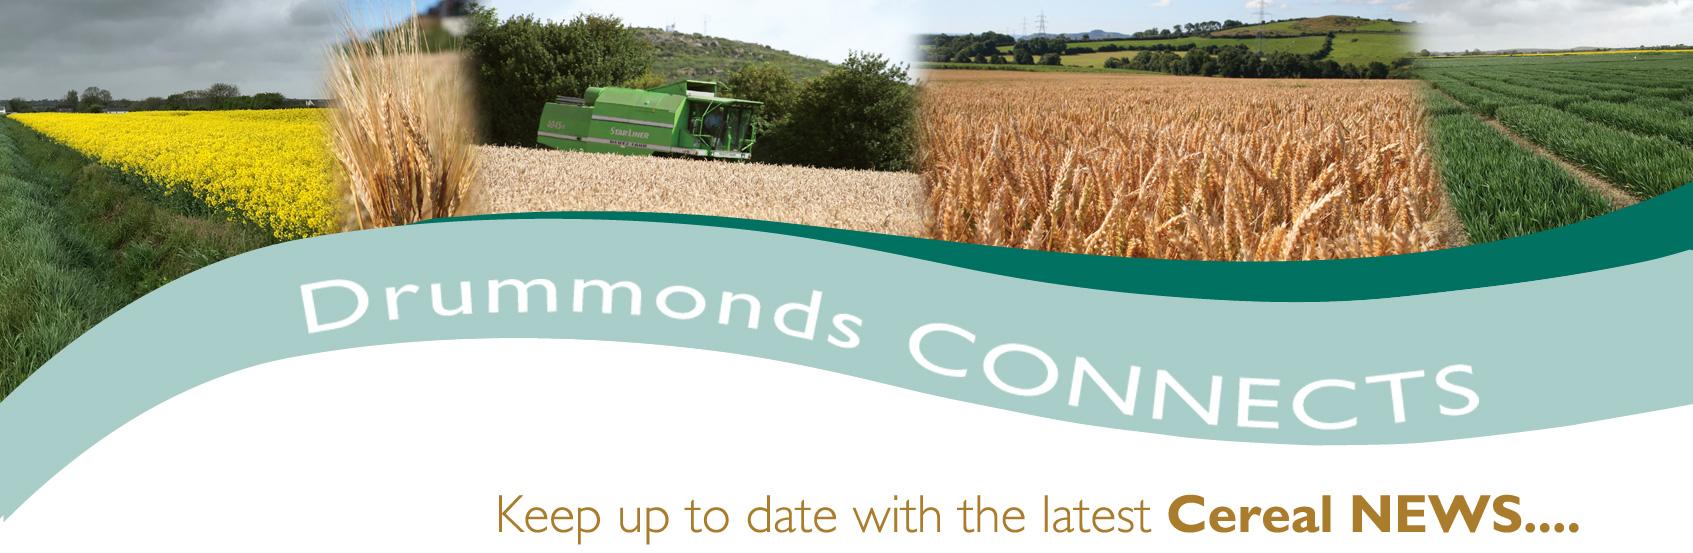 Newsletter Header - Grain